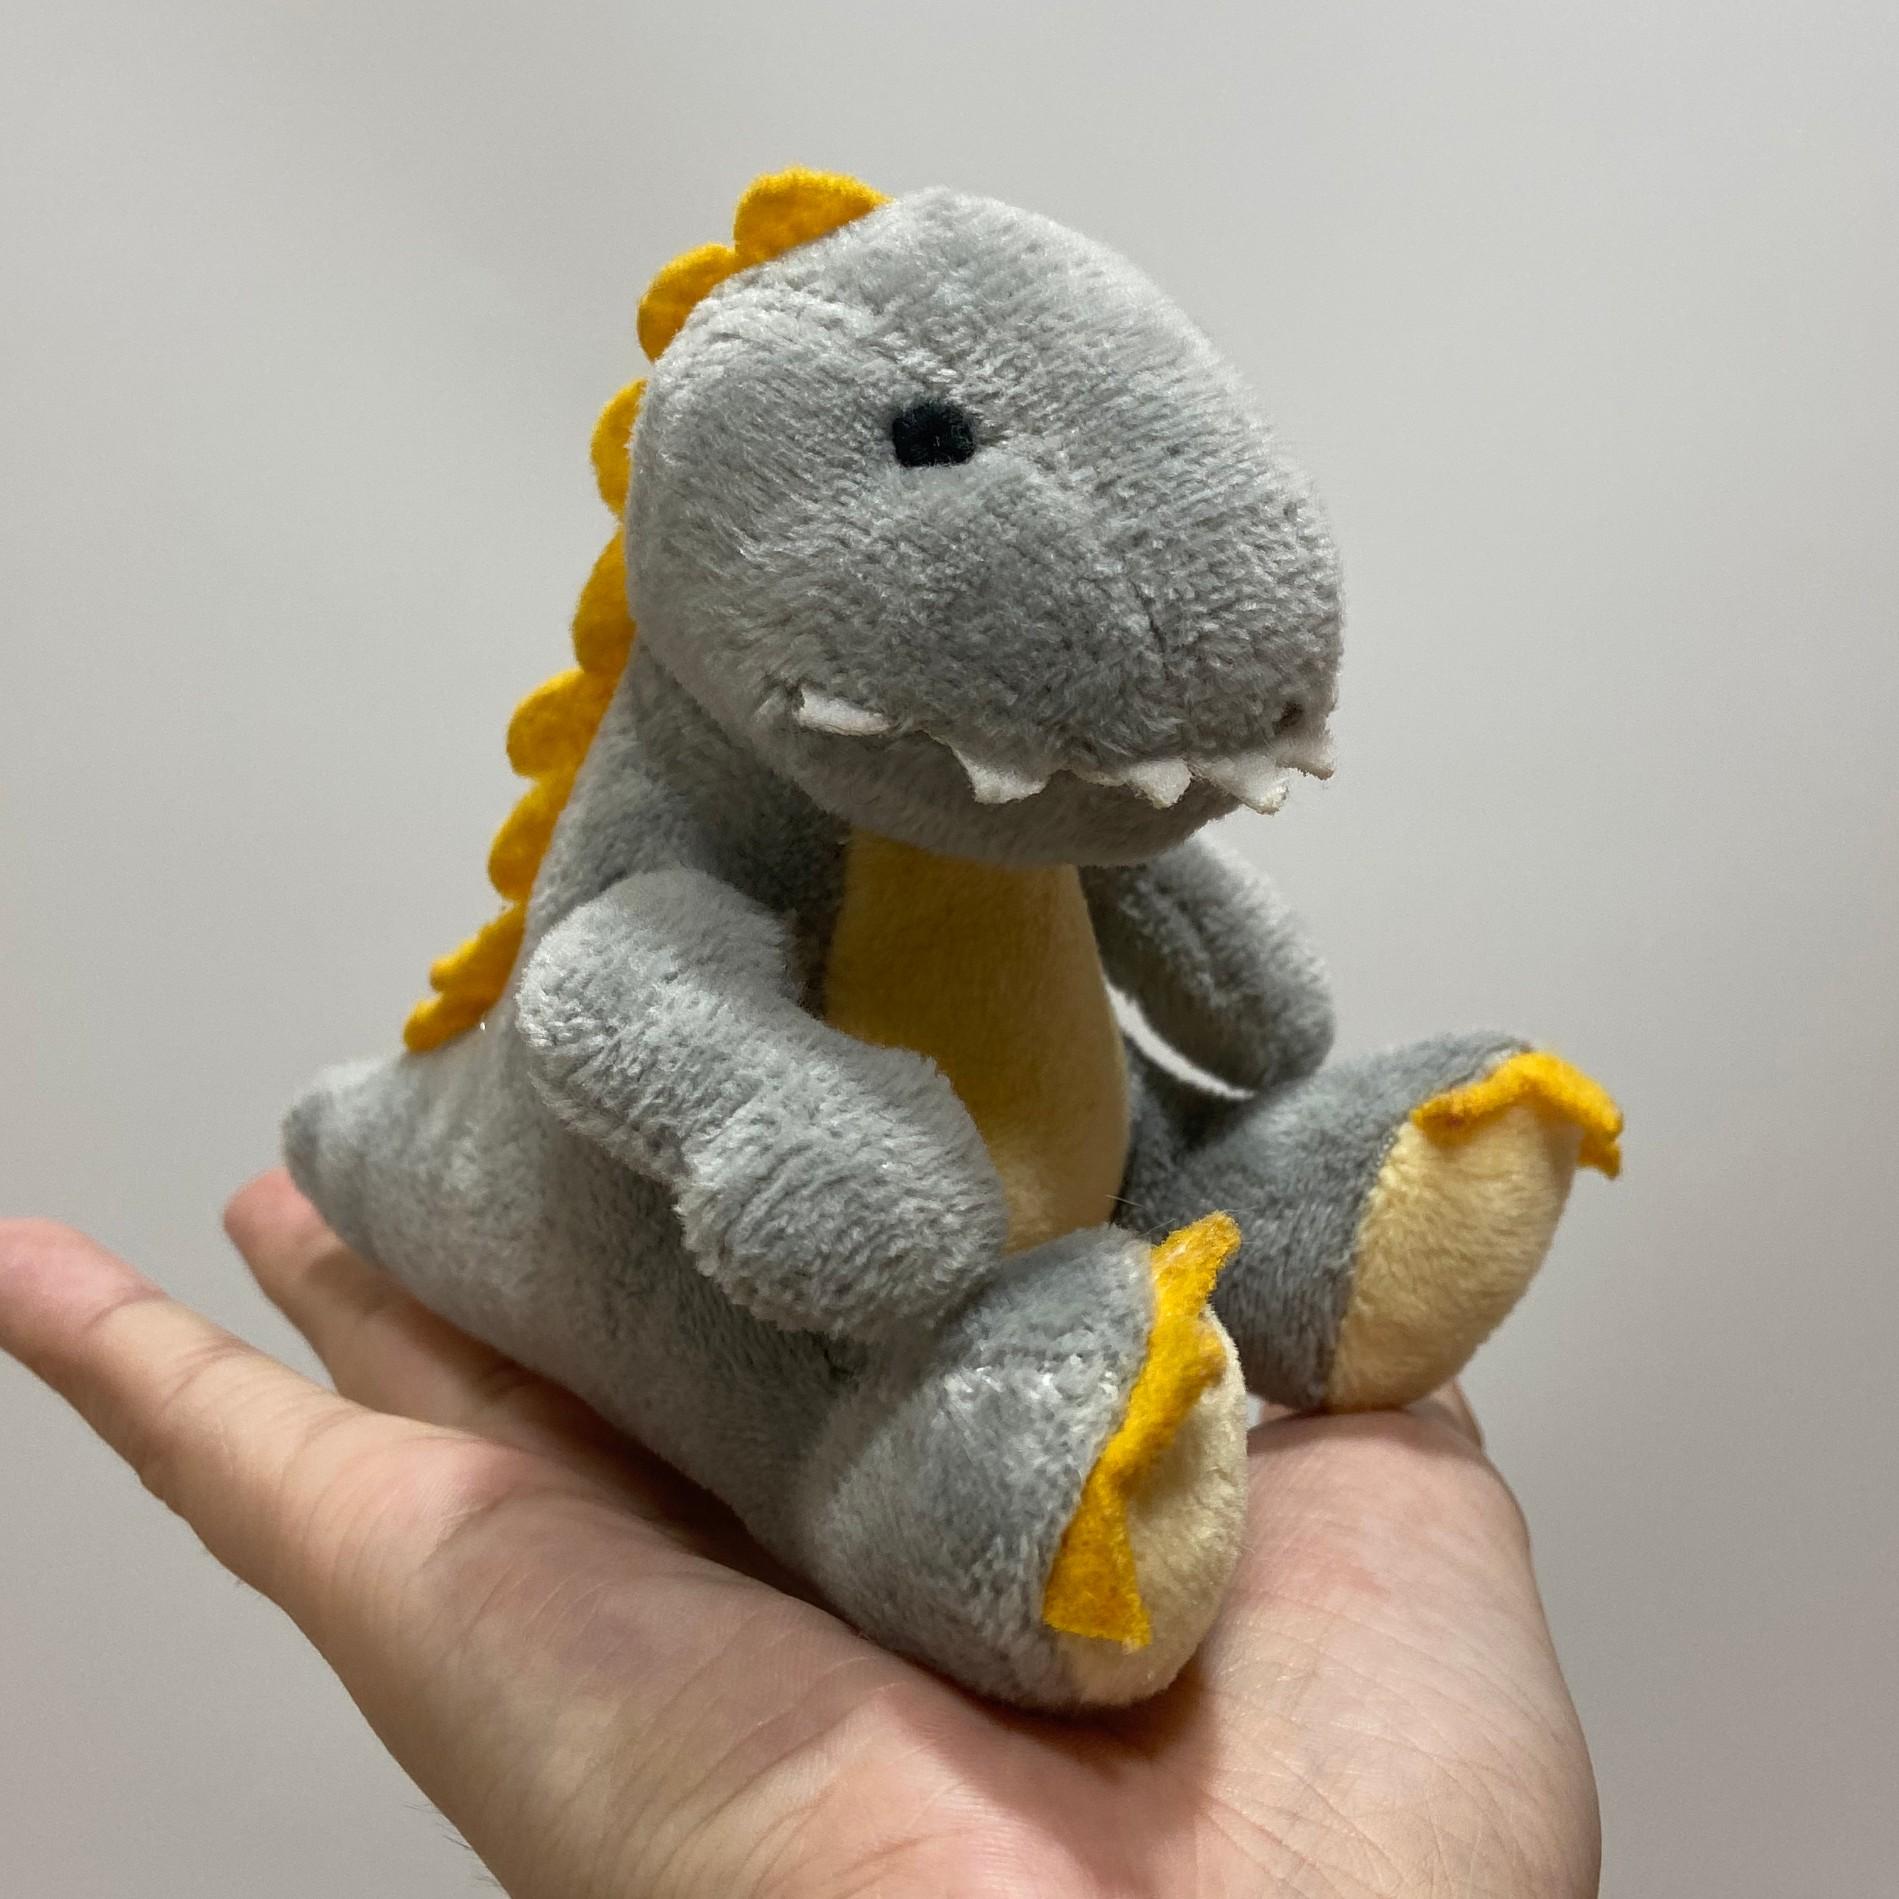 купить OEM 4 ASSTD Мягкие плюшевые милые детские игрушки-динозавры,OEM 4 ASSTD Мягкие плюшевые милые детские игрушки-динозавры цена,OEM 4 ASSTD Мягкие плюшевые милые детские игрушки-динозавры бренды,OEM 4 ASSTD Мягкие плюшевые милые детские игрушки-динозавры производитель;OEM 4 ASSTD Мягкие плюшевые милые детские игрушки-динозавры Цитаты;OEM 4 ASSTD Мягкие плюшевые милые детские игрушки-динозавры компания